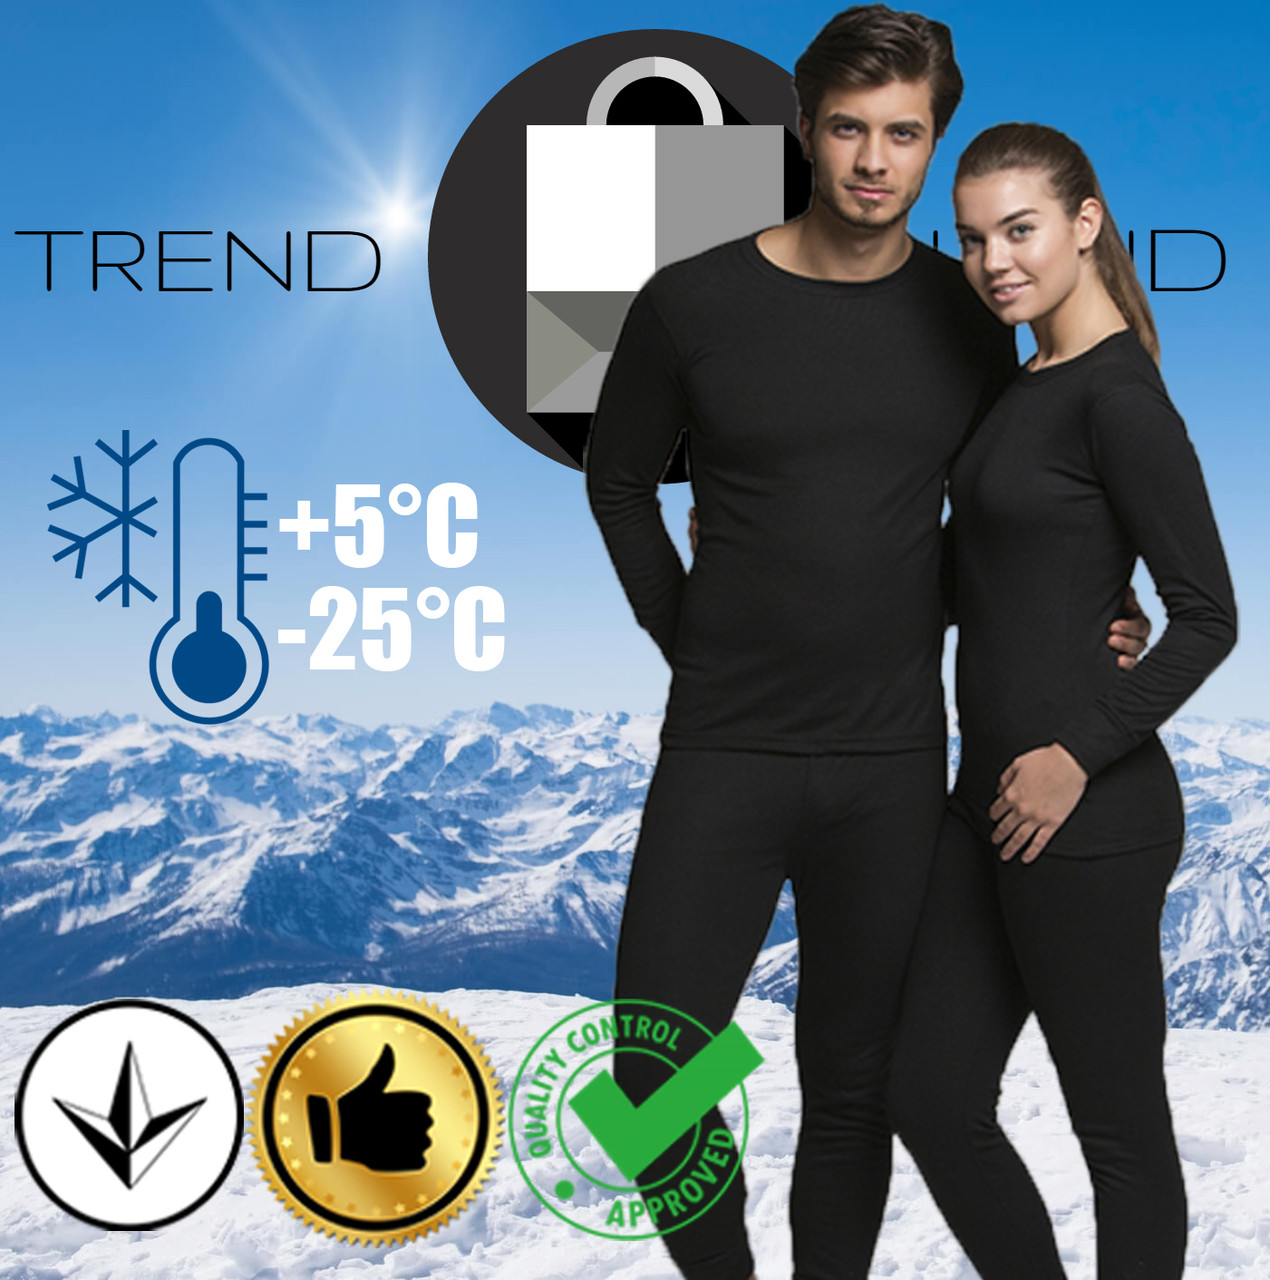 Комплект из мужского или женского термобелья до - 25°С по норвежской технологии